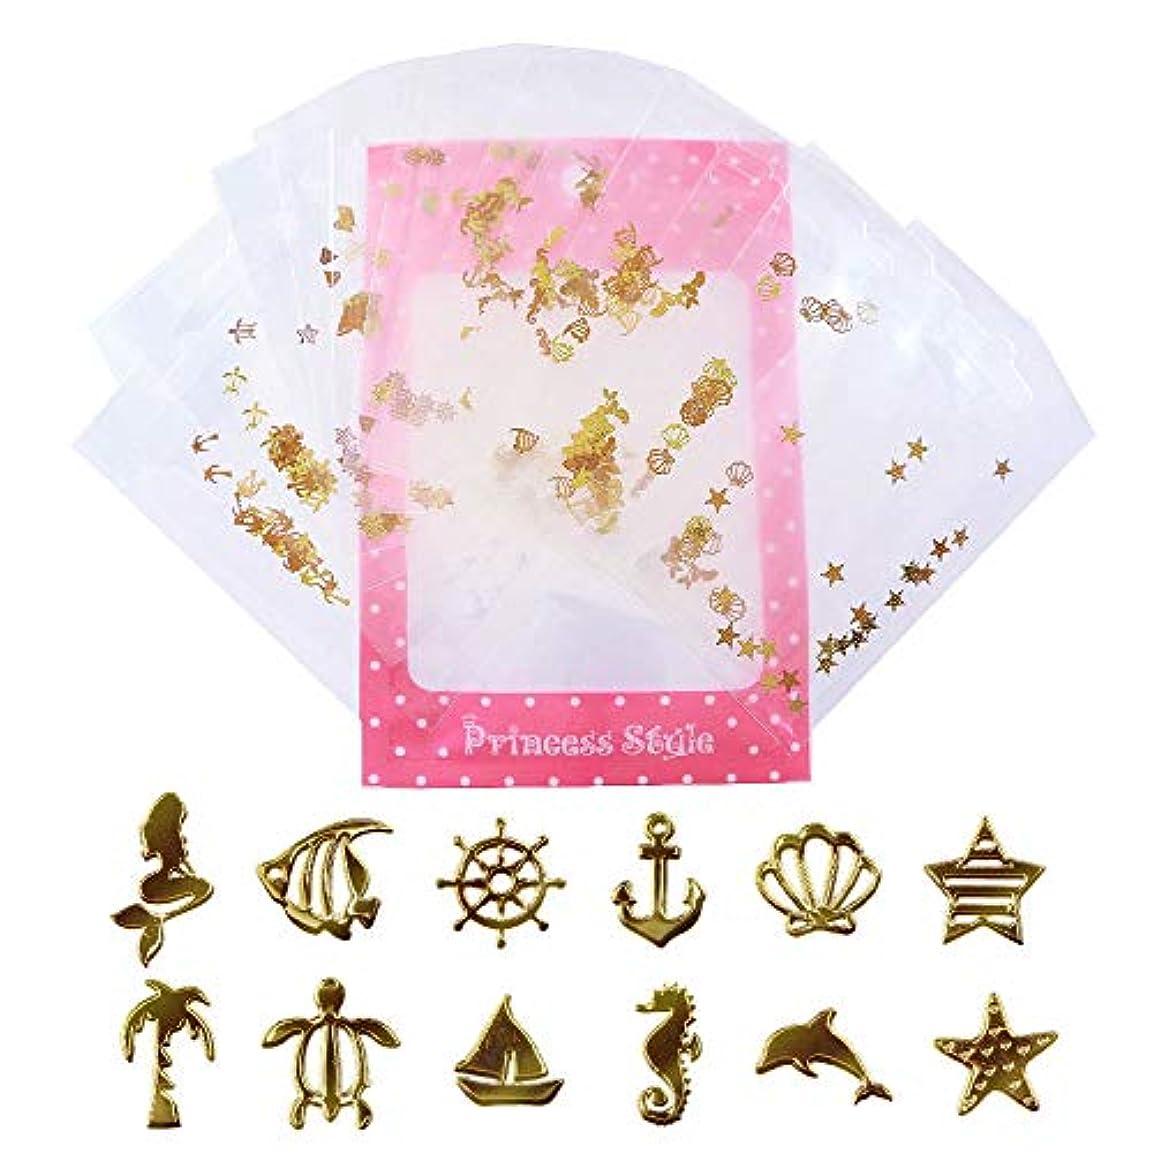 一杯驚き変わる薄型 アート パーツ ゴールド ネイル&レジン用 マリンパーツ 12種類300枚セット 袋入り